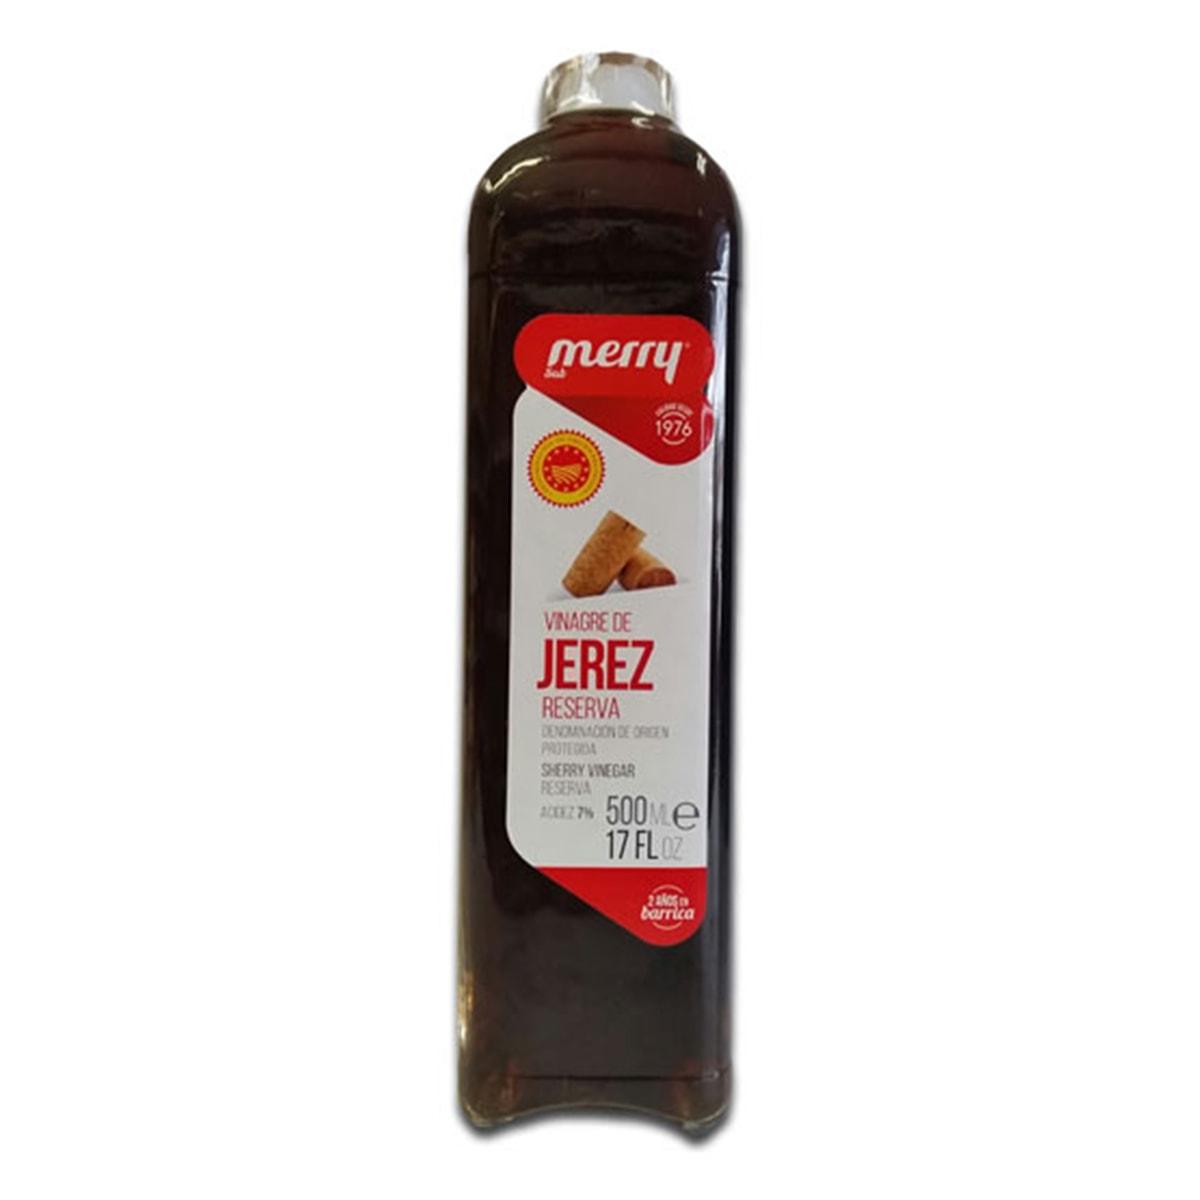 Sherry Wine Vinegar (Vinagre De Jerez Reserva) - 500 ml